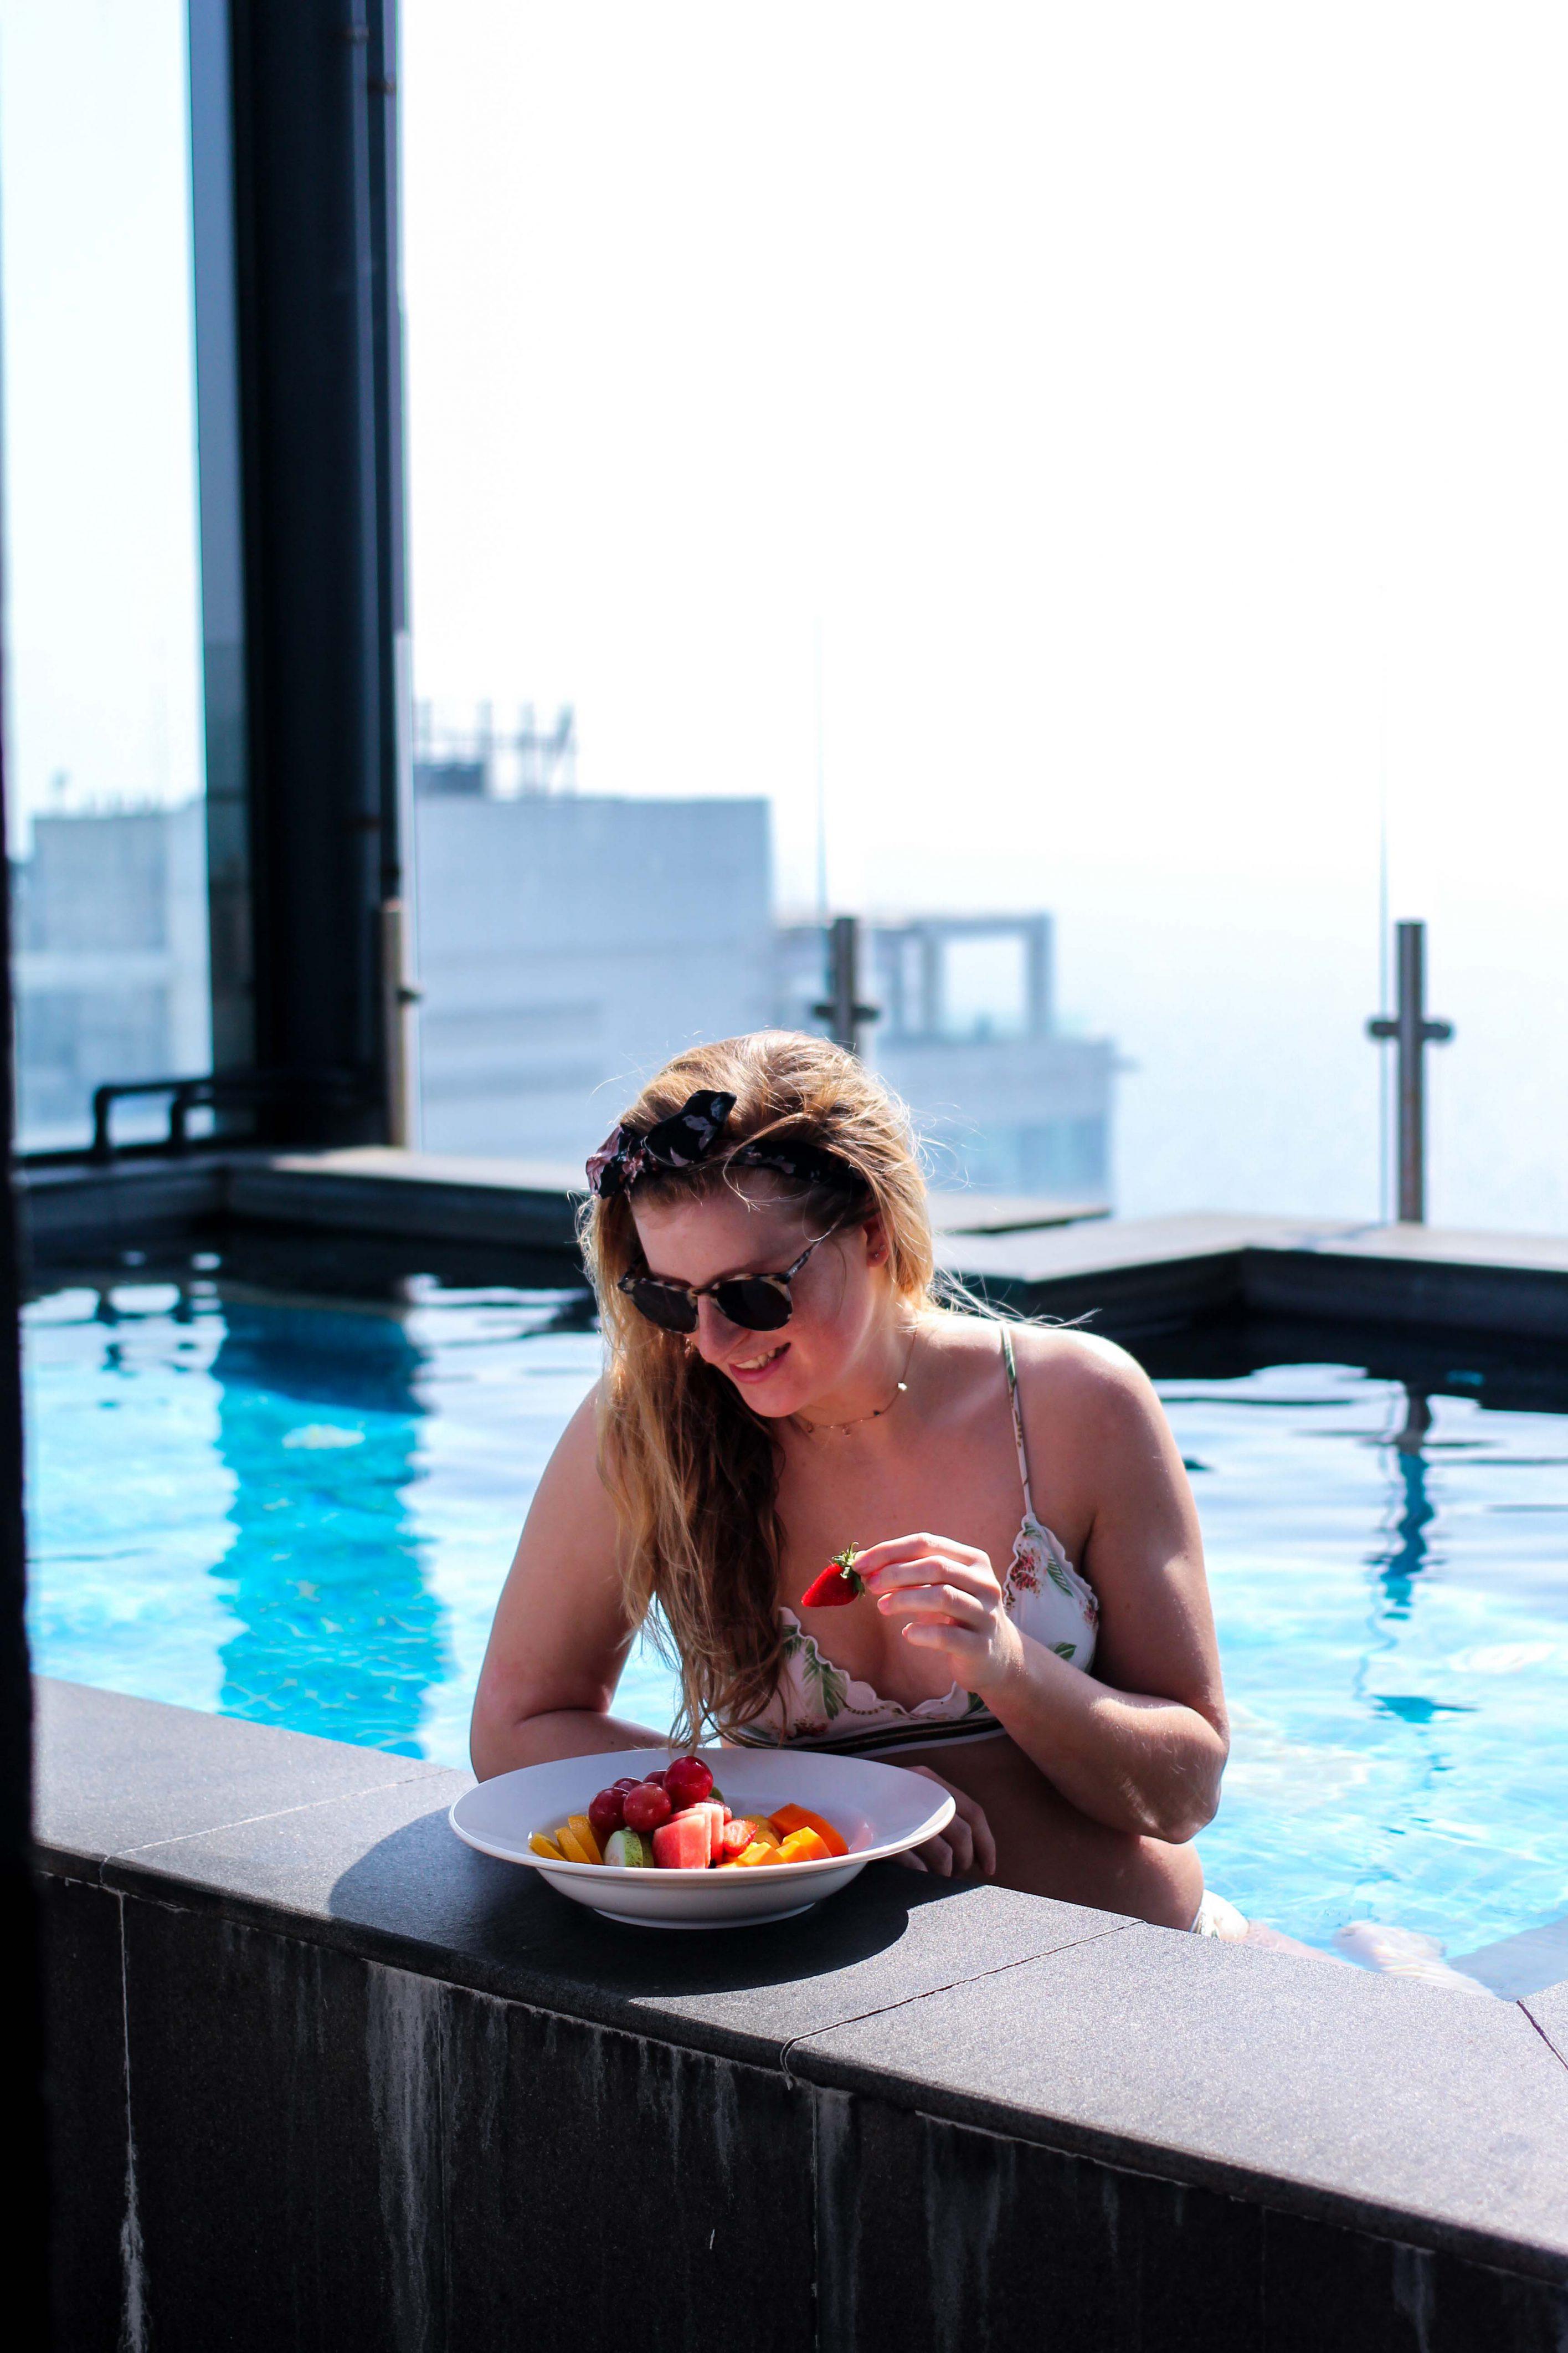 Mövenpick Colombo Hotel Reiseblog Whirlpool Brinisfashionbook Infinity Pool Colombo bestes Hotel Sri Lanka